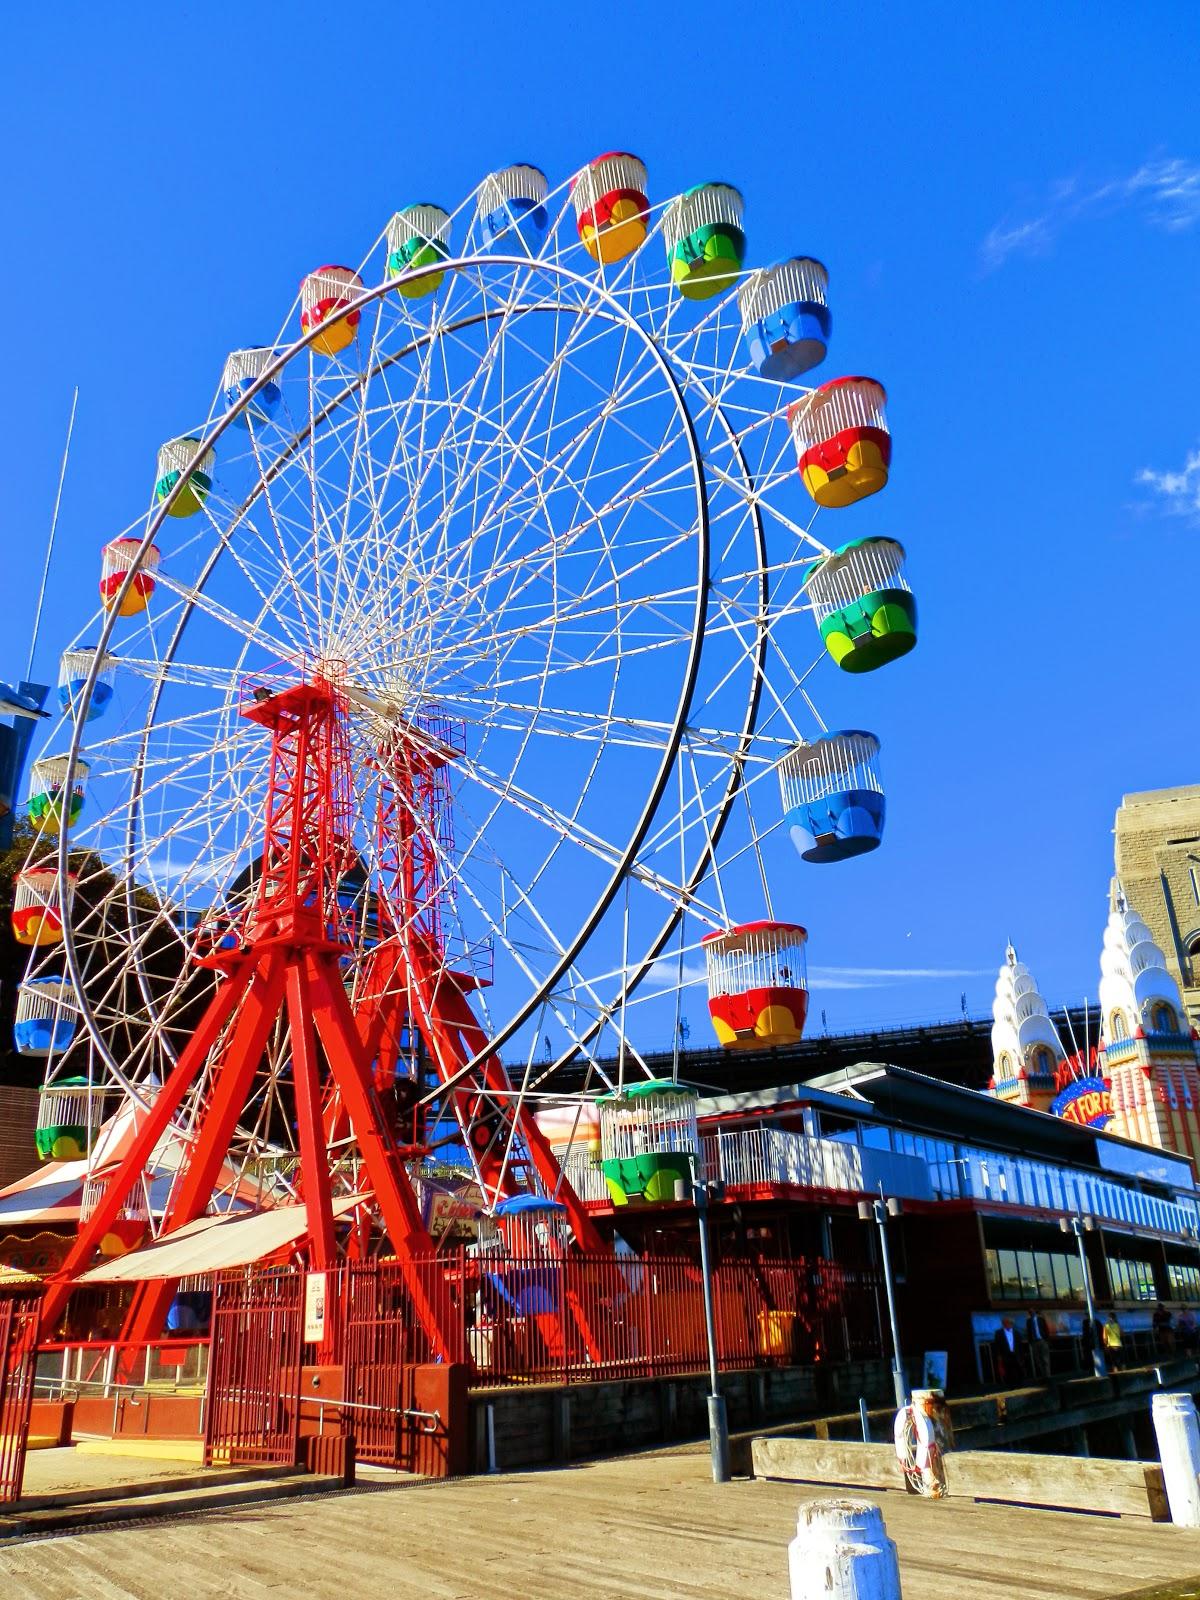 1000 images about luna park sydney on pinterest for Puerta 9 luna park